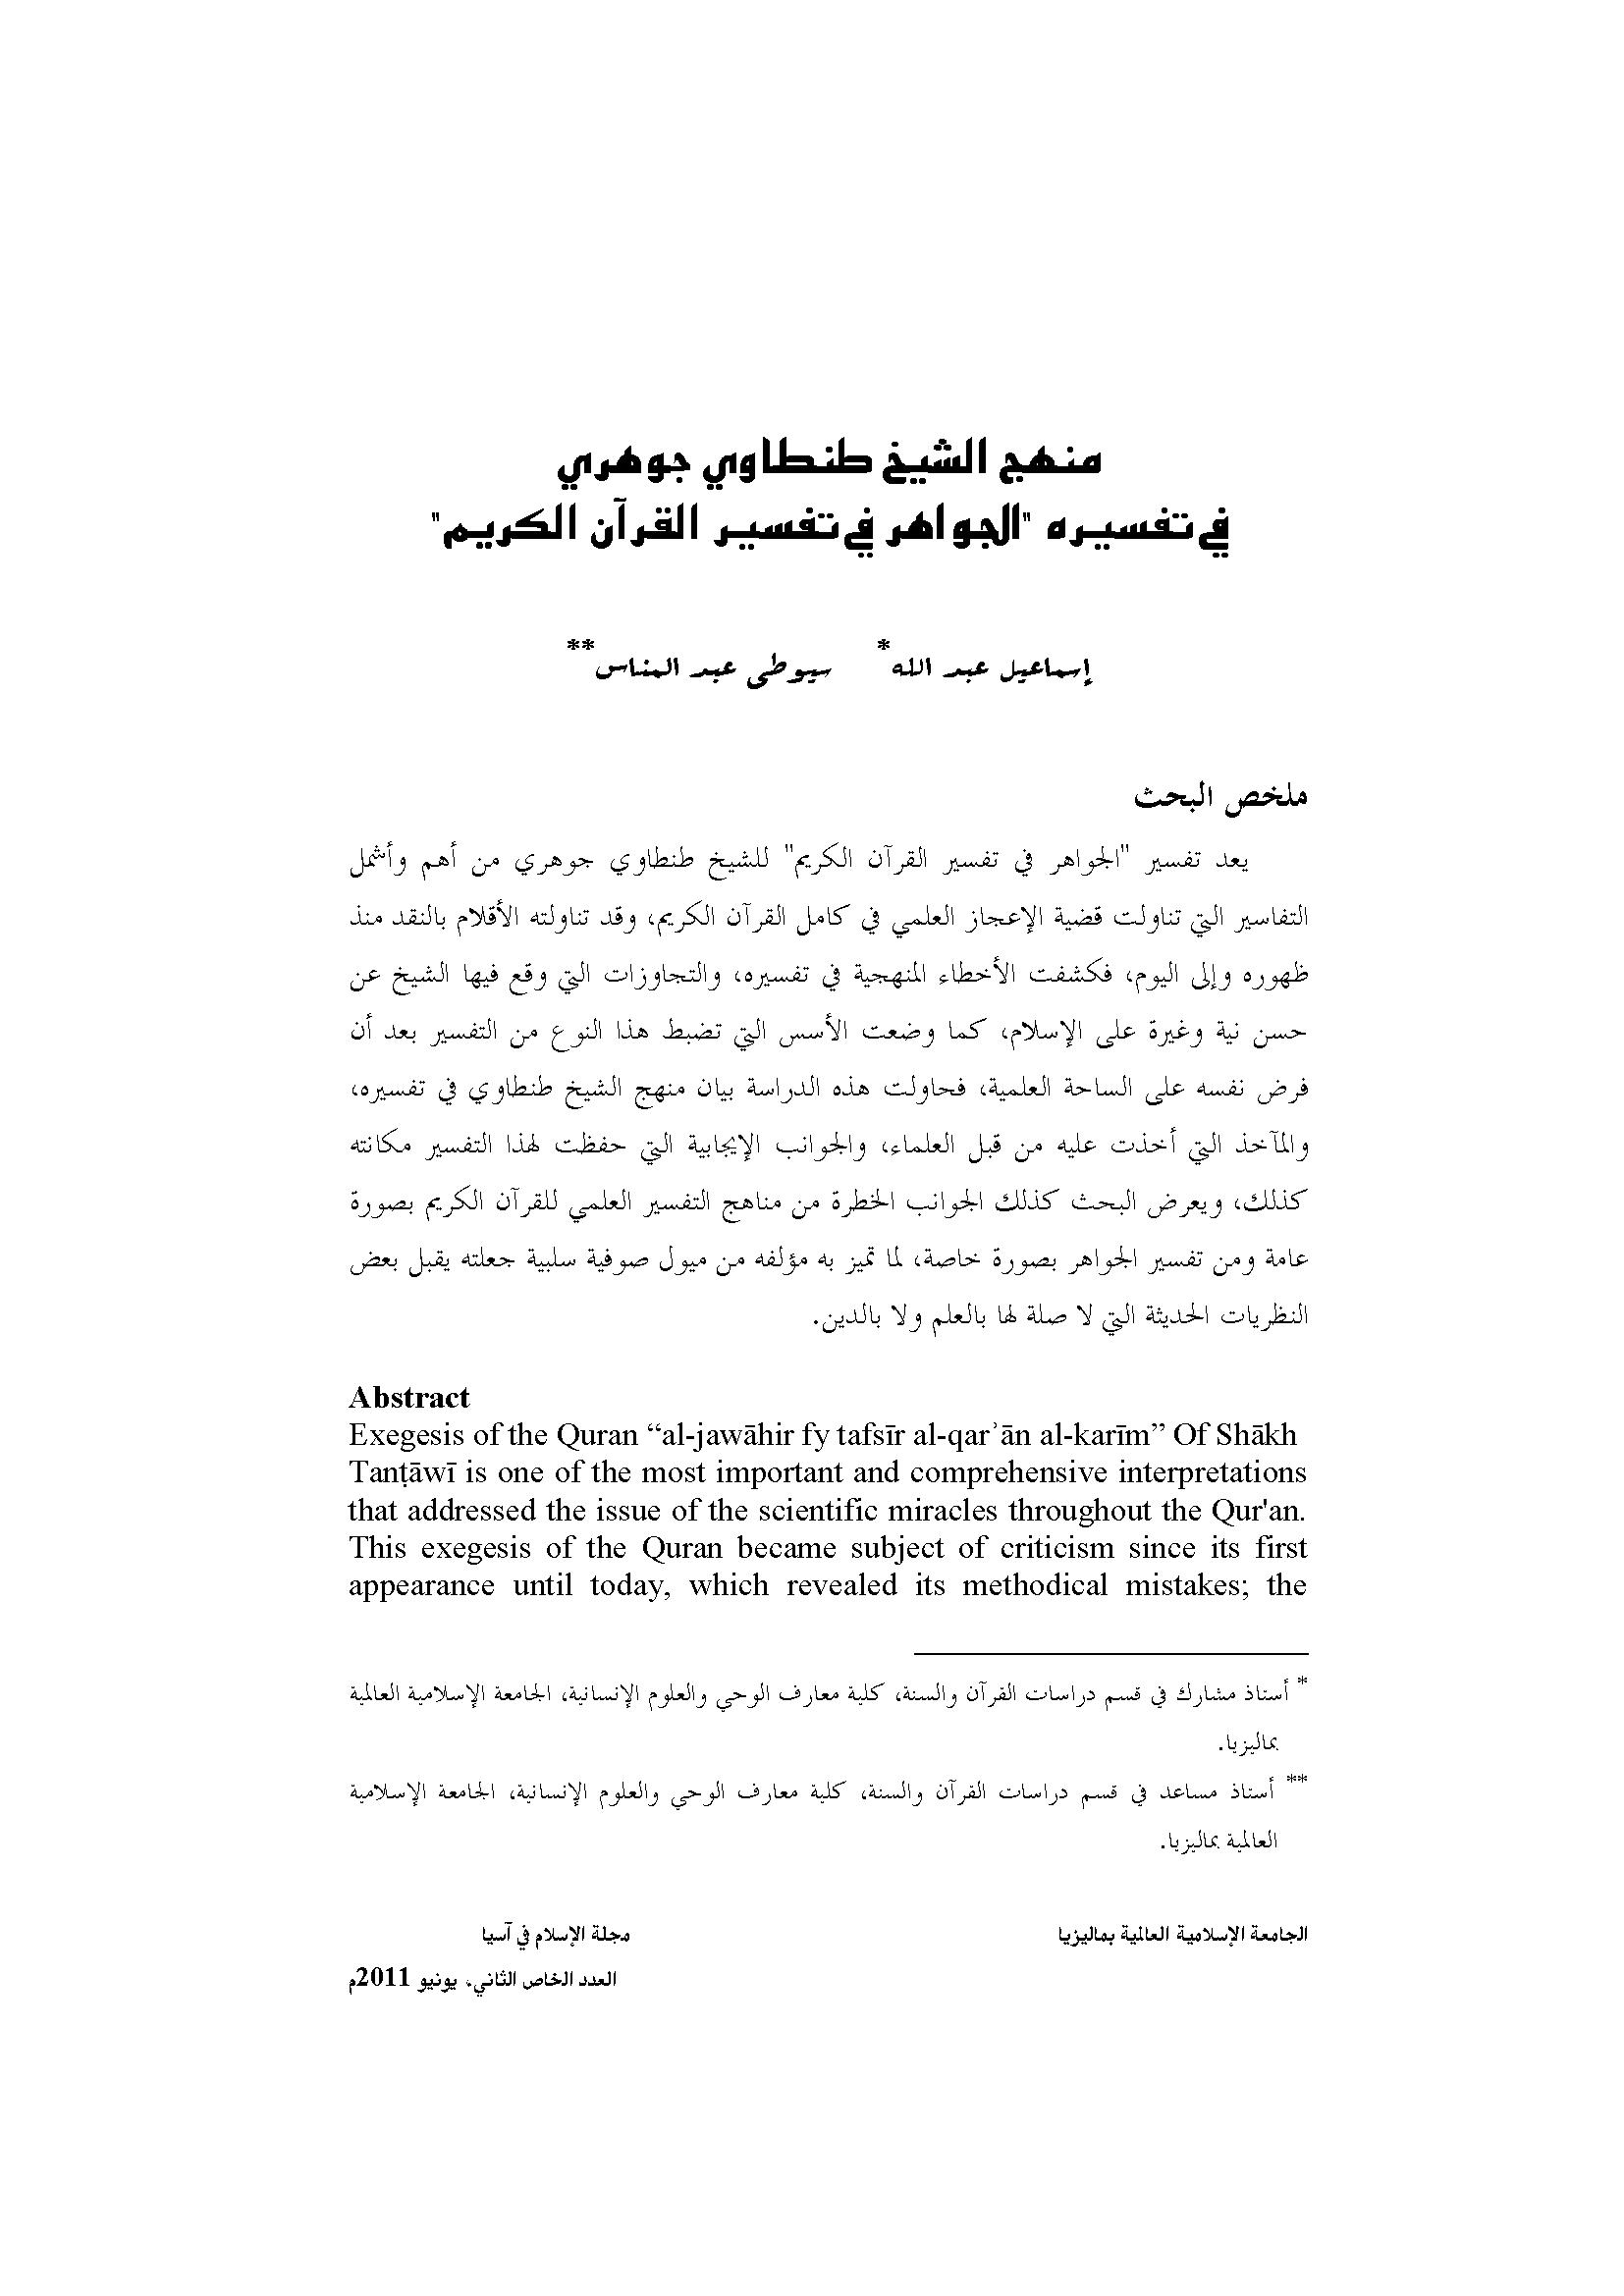 تحميل كتاب فتح الرحمن بكشف ما يلتبس في القرآن pdf